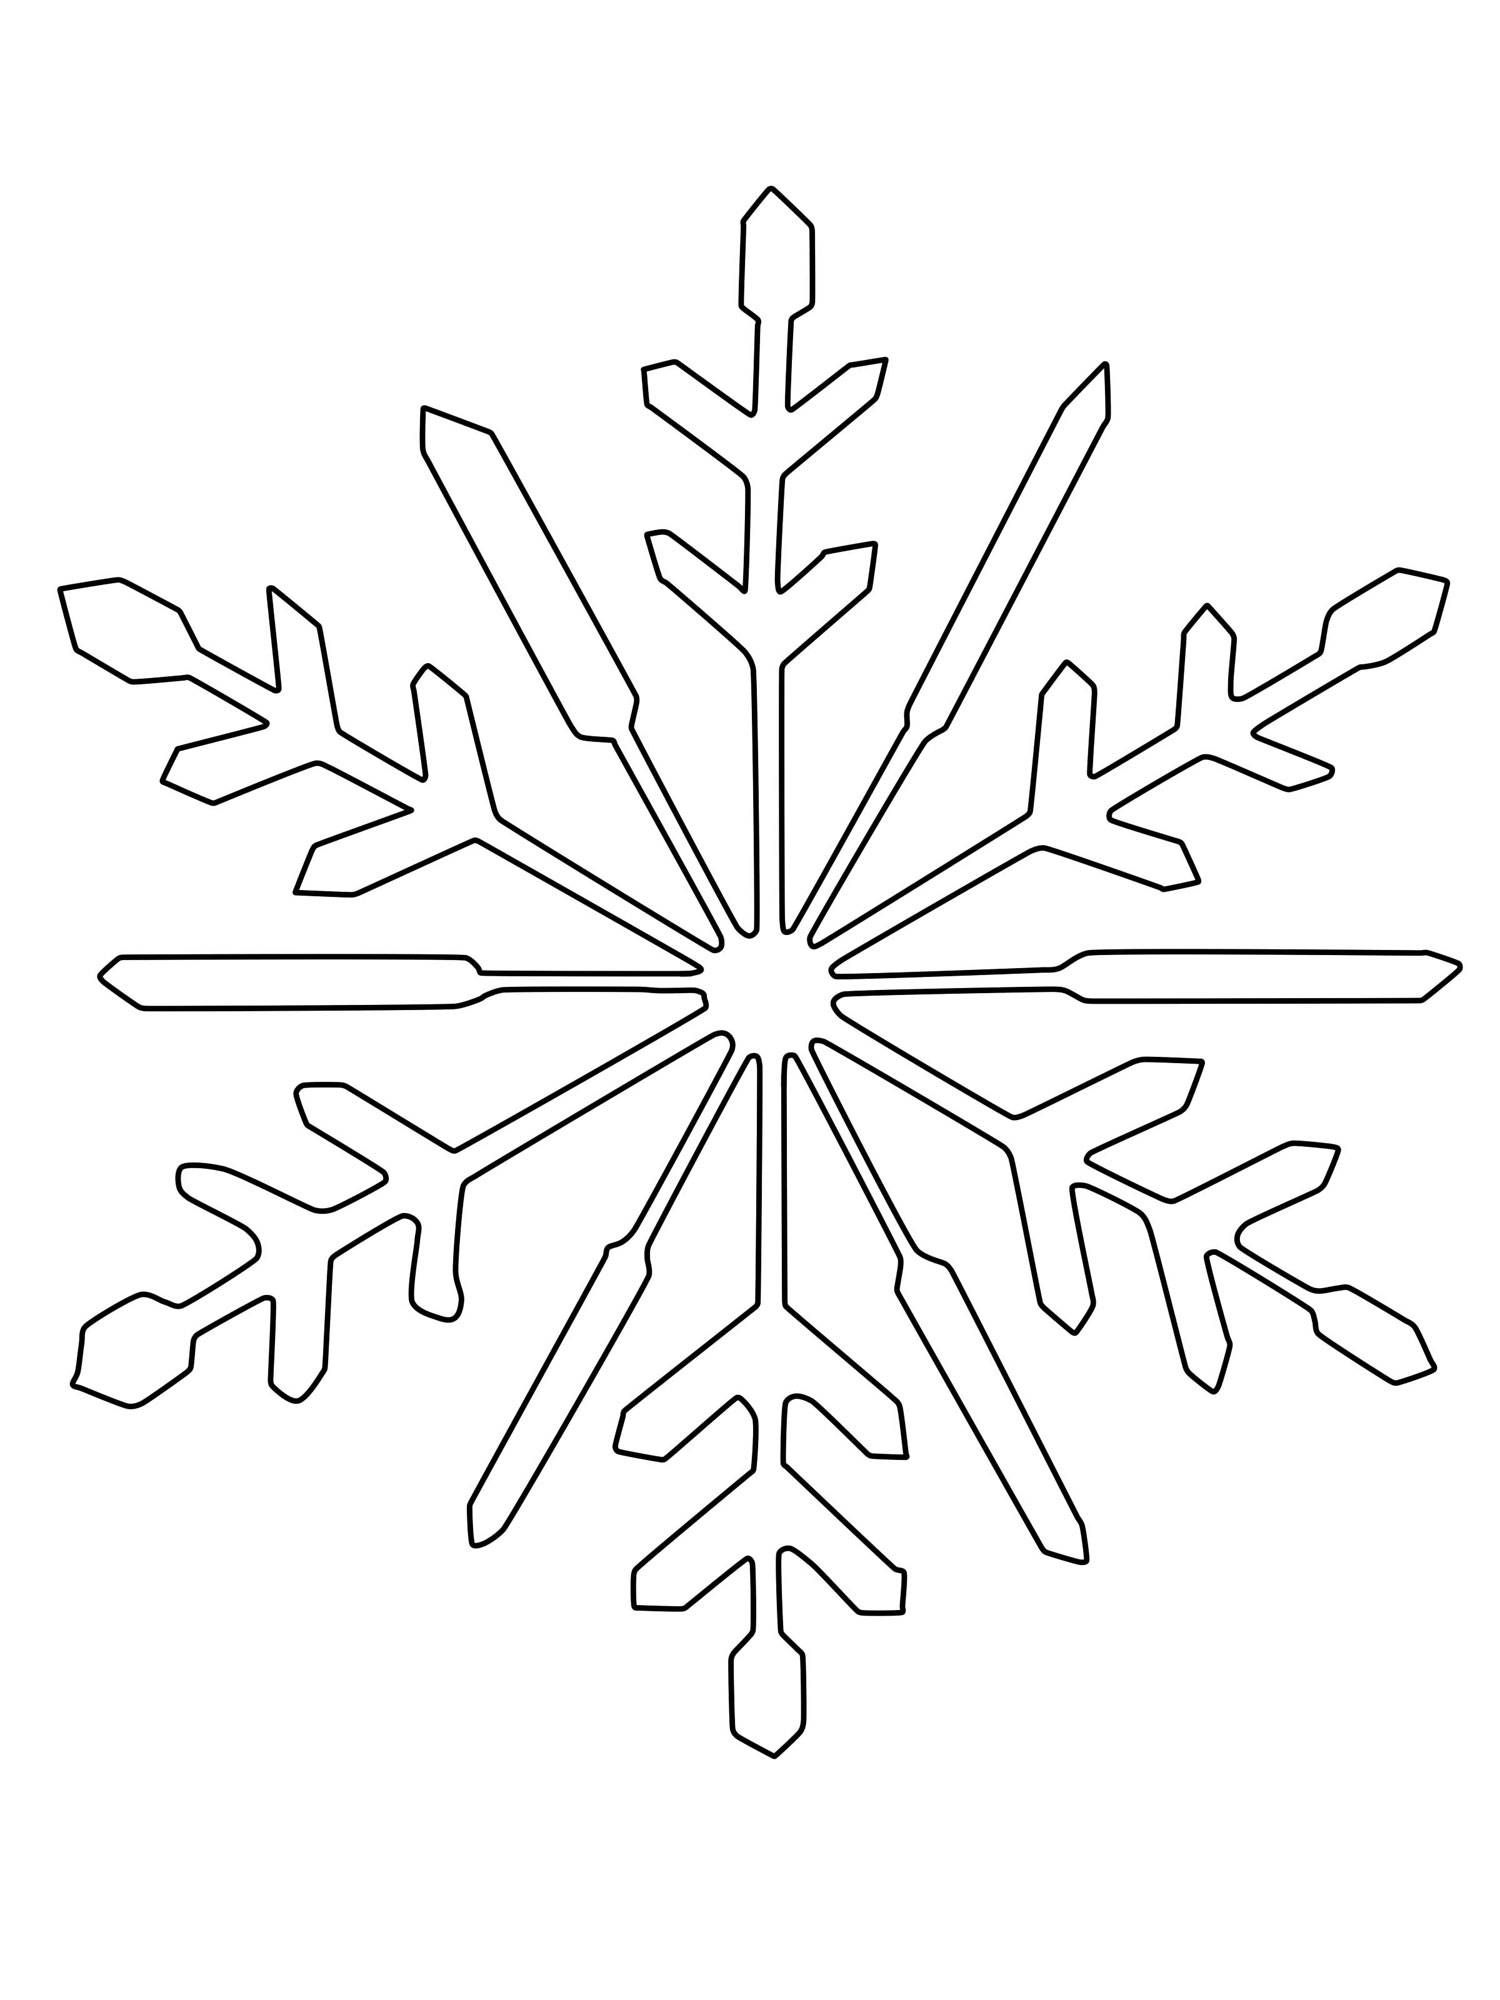 bildergebnis für schneeflocken malen  schneeflocke vorlage